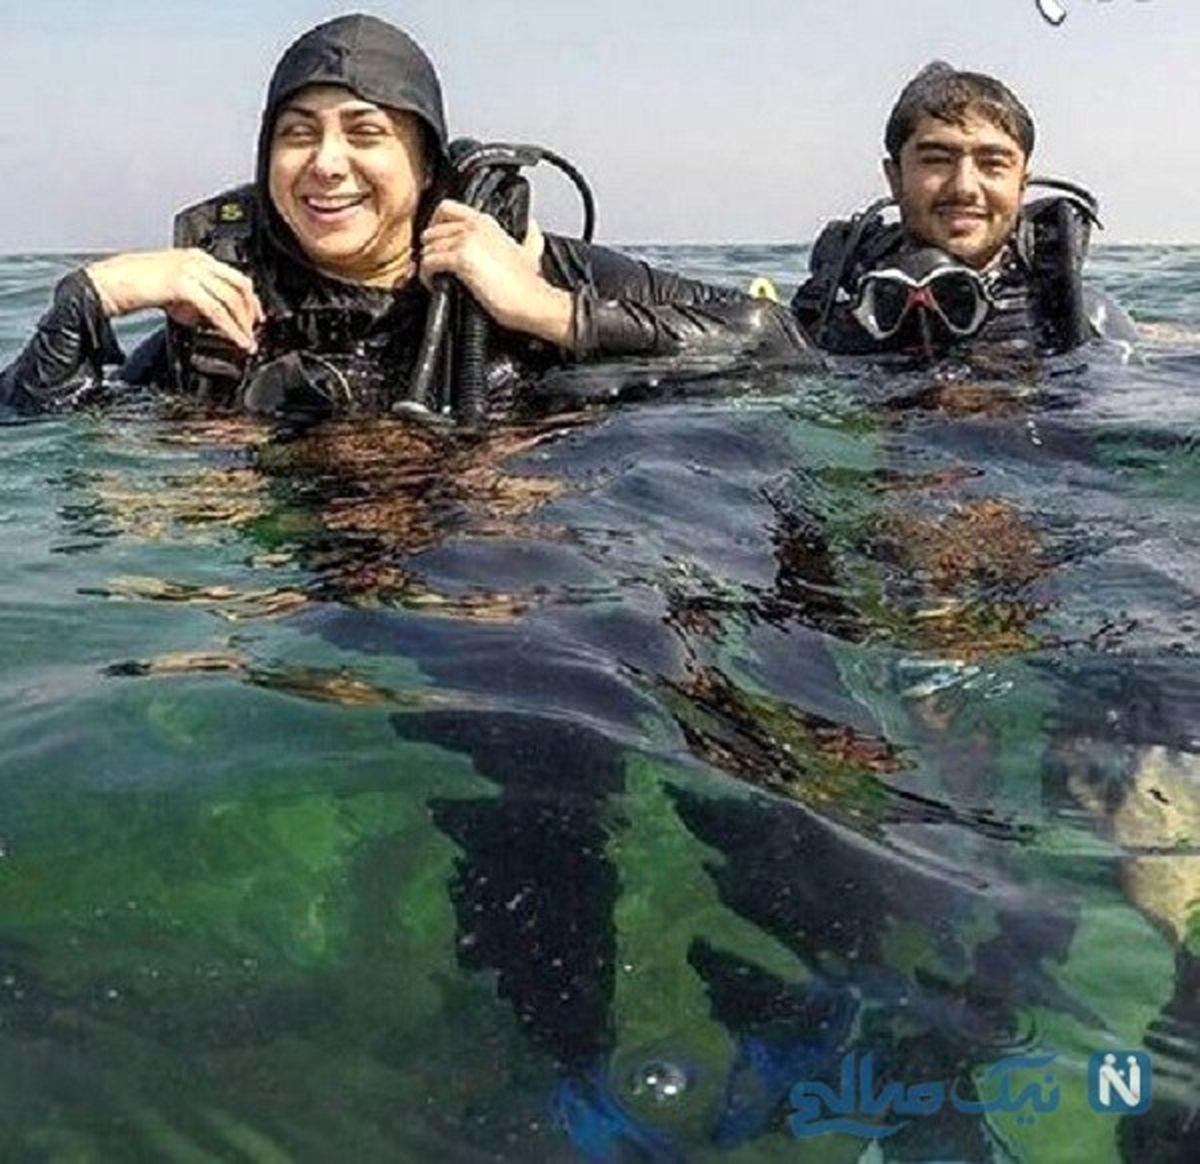 عکس دیده نشده از شنای آزاده صمدی در استخر